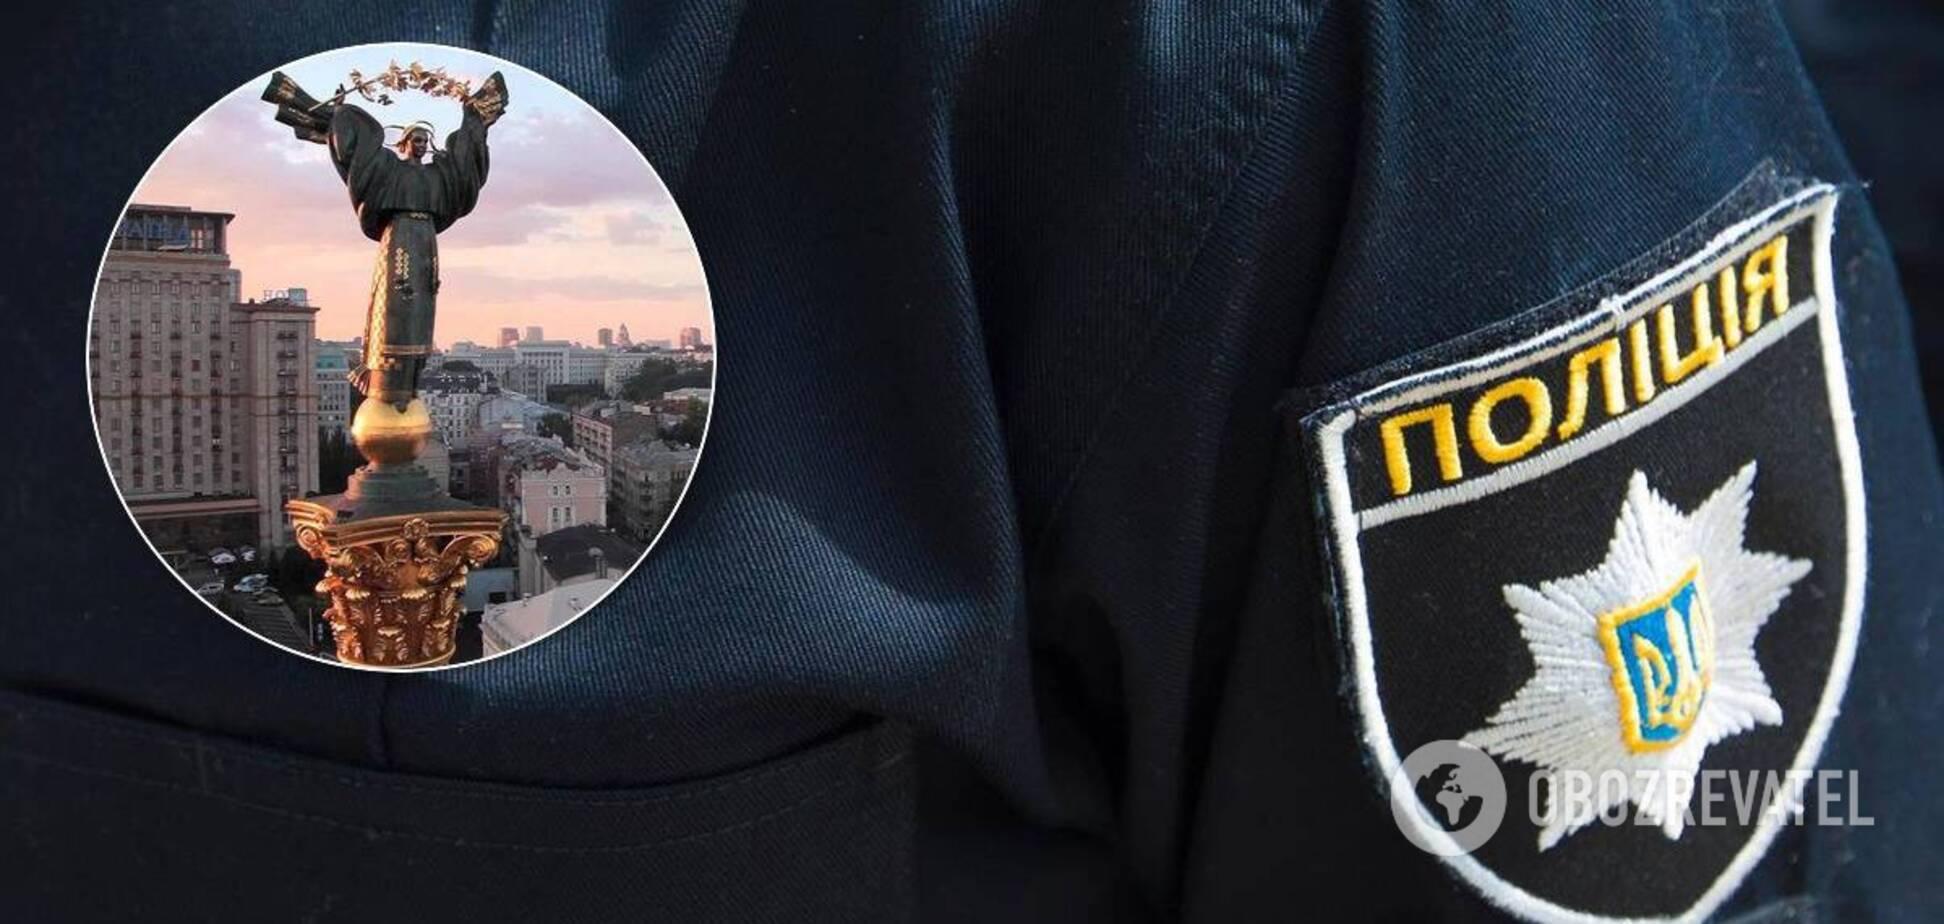 У Києві чоловік до смерті побив батька. Ілюстрація